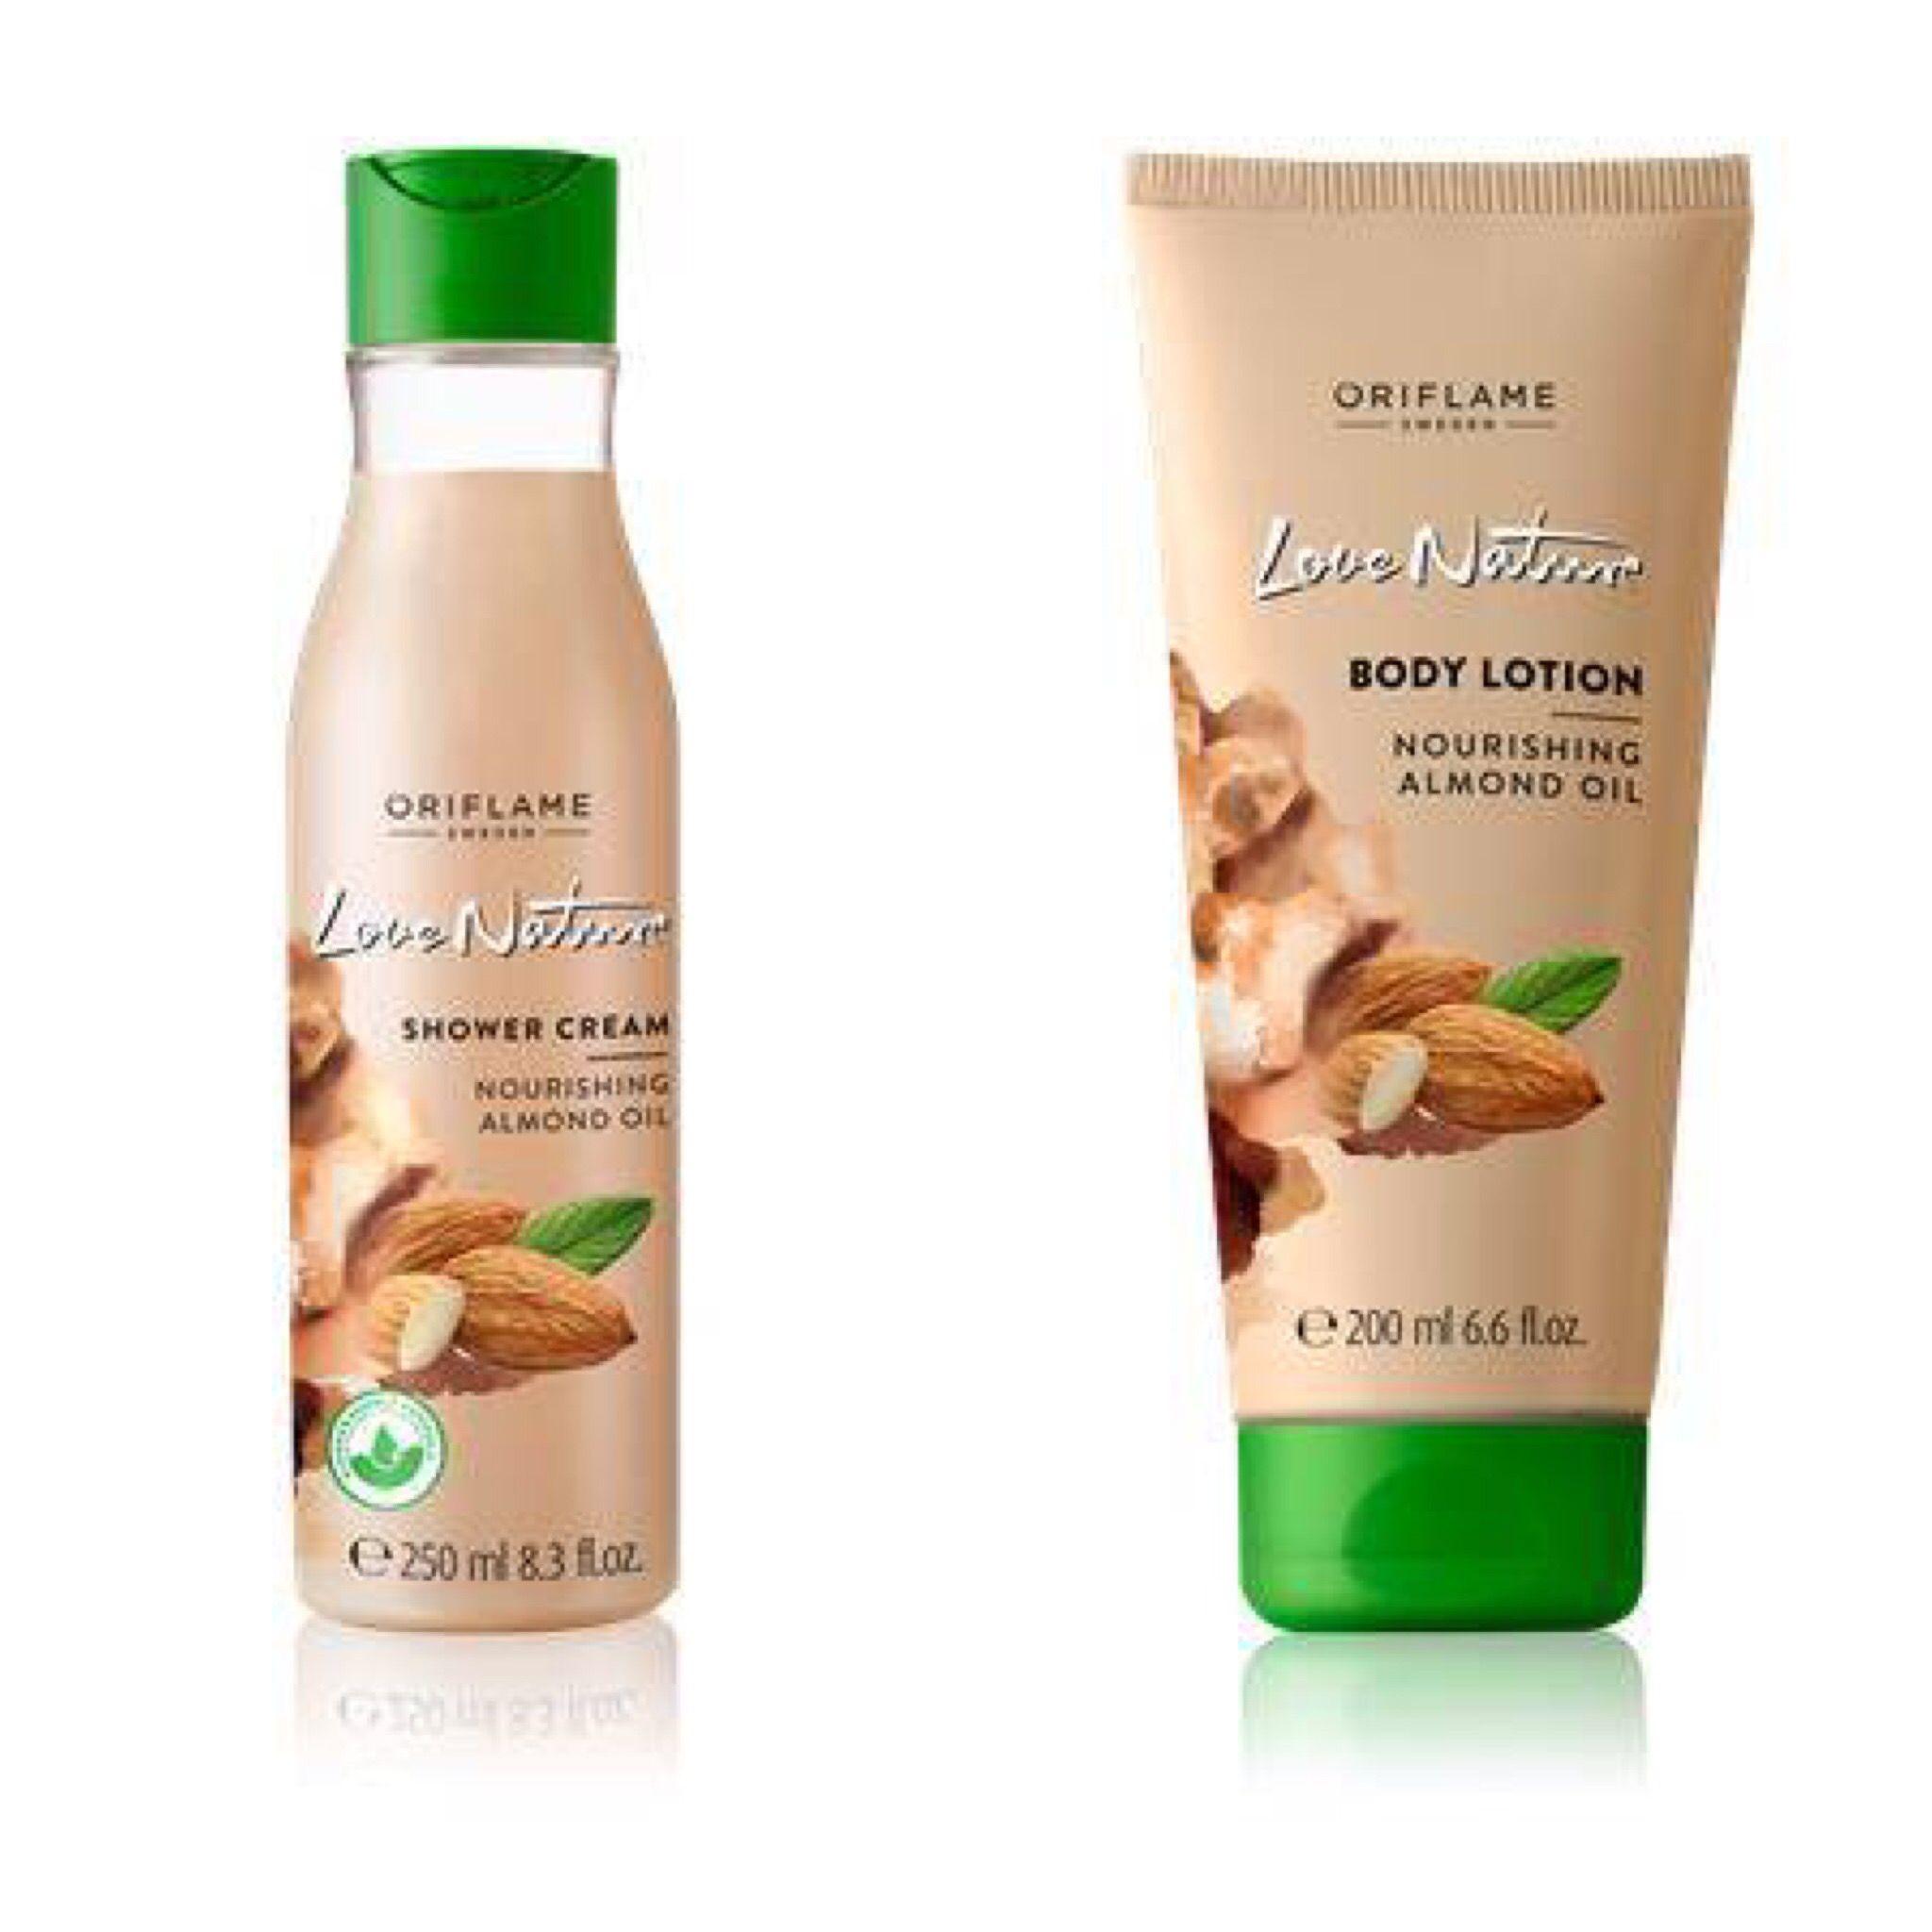 Tvålfri, pH-balanserad duschcreme som löddrar till ett lätt, krämigt skum som hjälper till att mjuka upp huden. Mandelolja innehåller naturlig vitamin A, B1 och E för att hjälpa till att lugna och vårda huden. Med en helt biologiskt nedbrytbar formula.